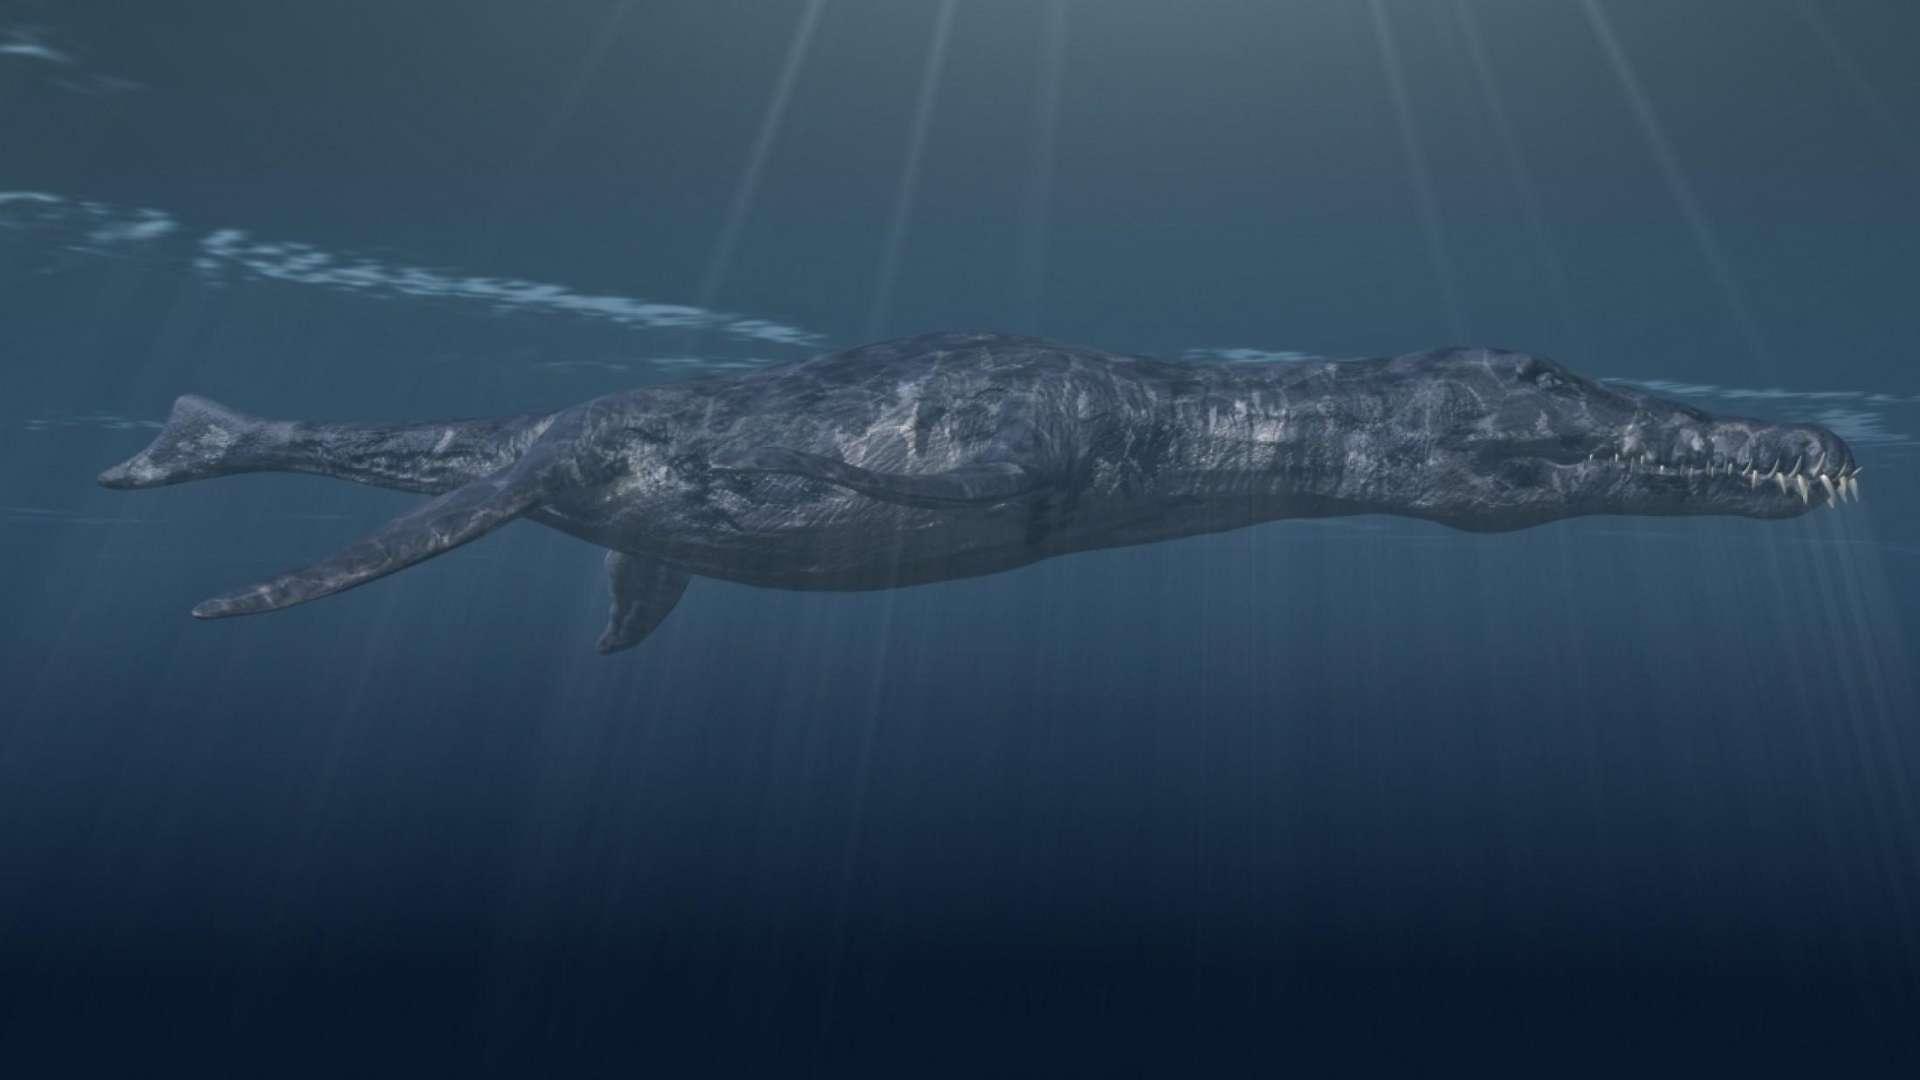 WISSENSCHAFT: Erster Pliosaurier in Österreich entdeckt